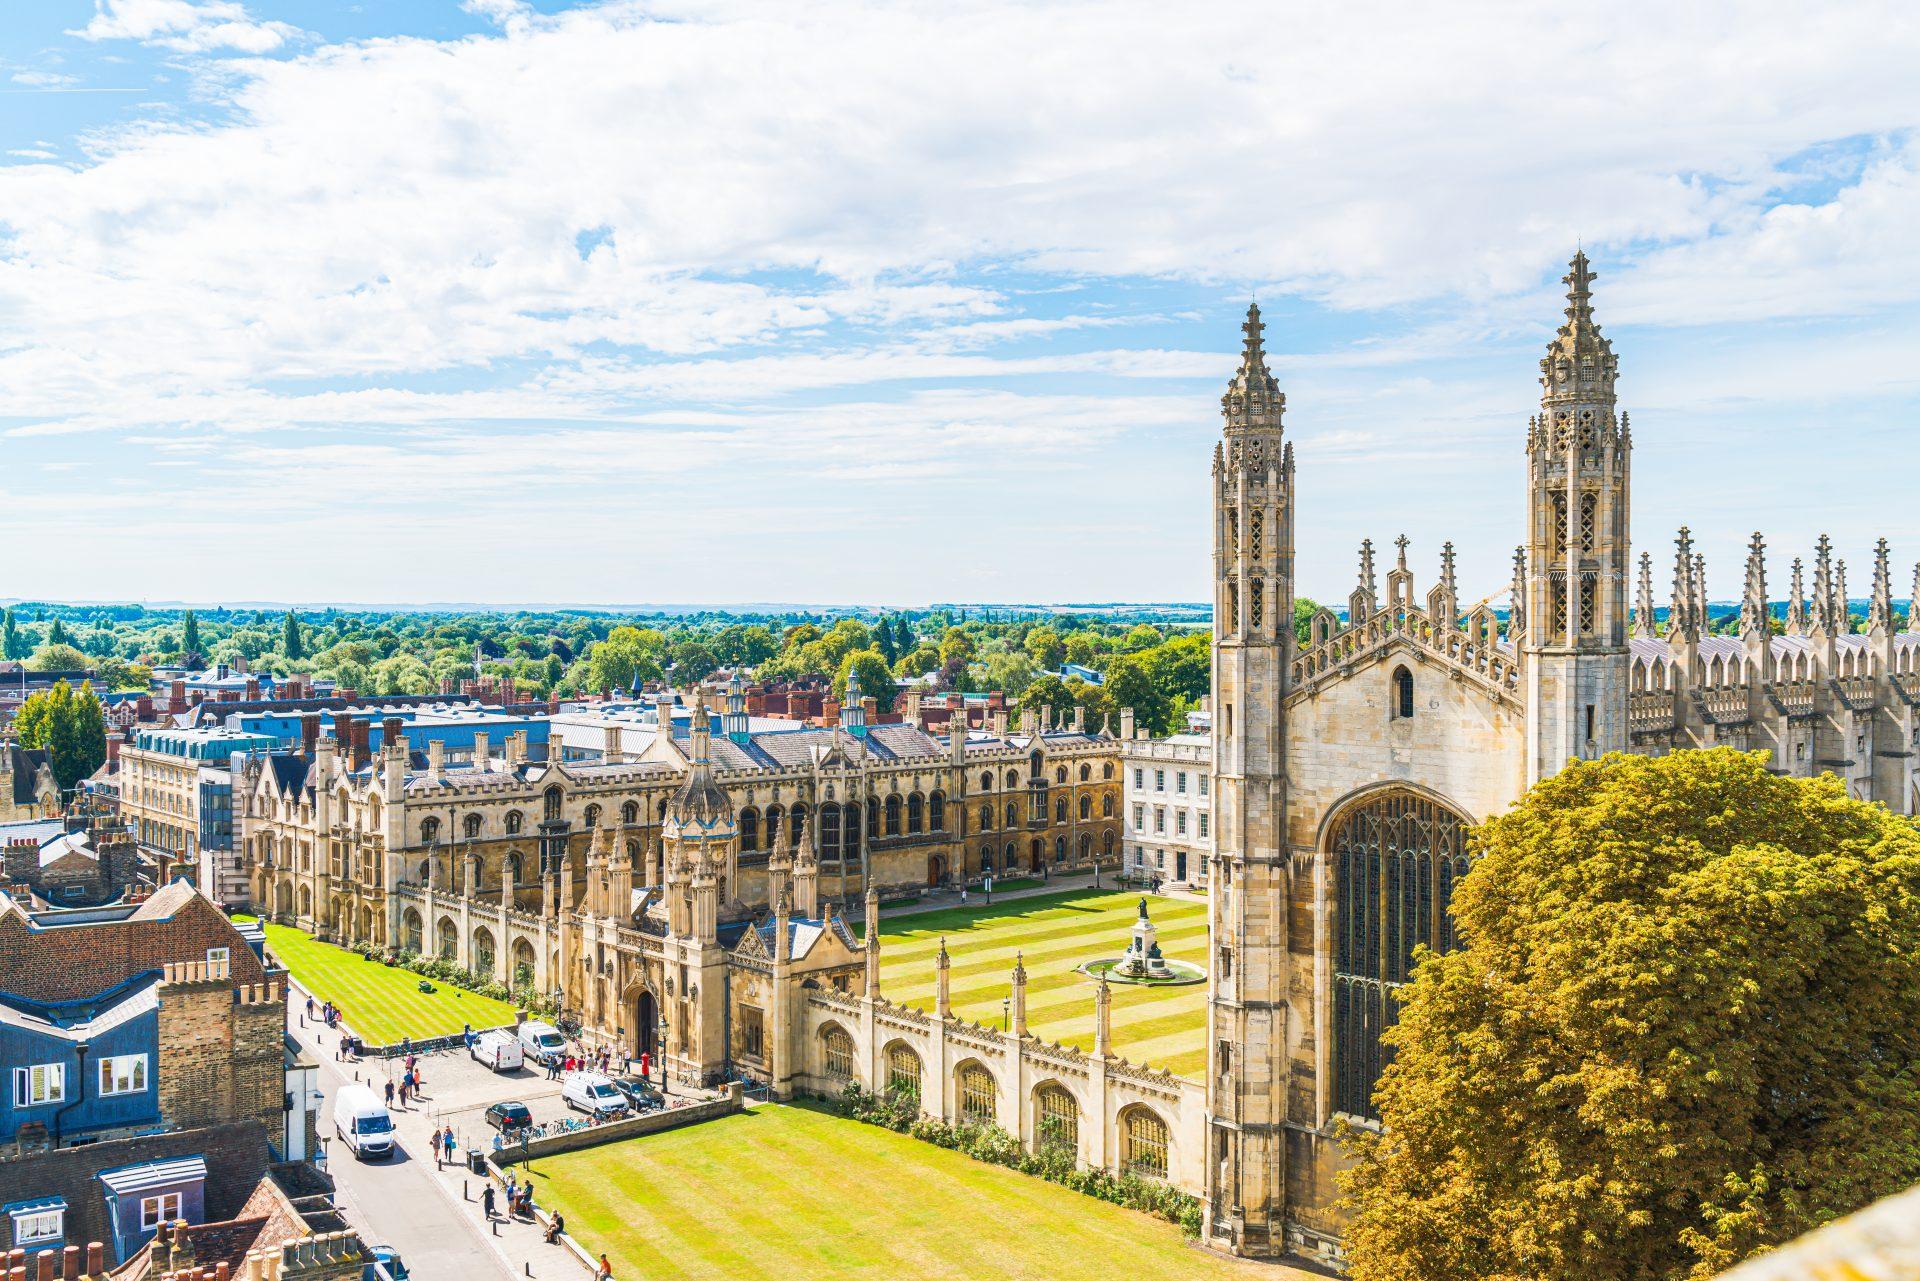 Aerial shot of Cambridge